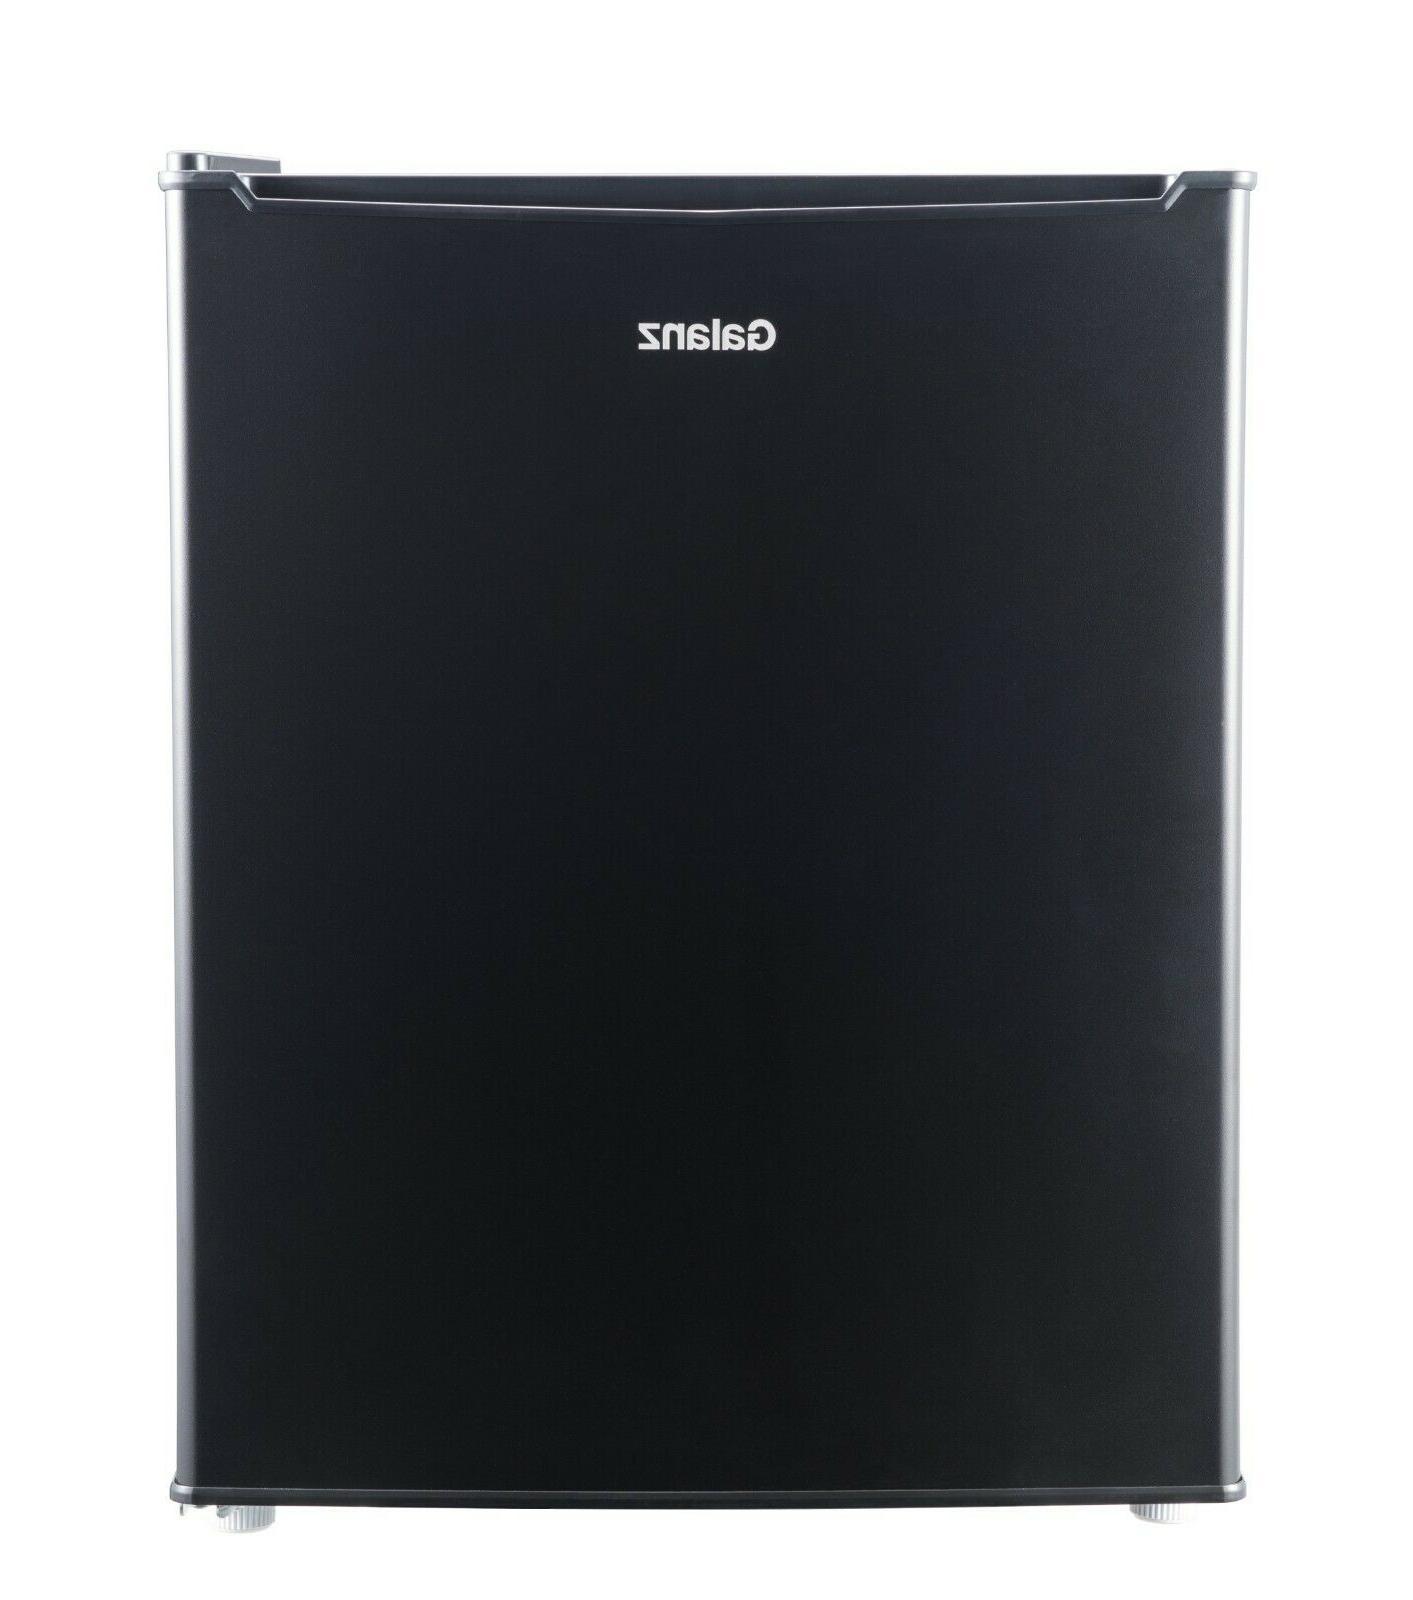 Galanz 2.7 Single Freezer Steel